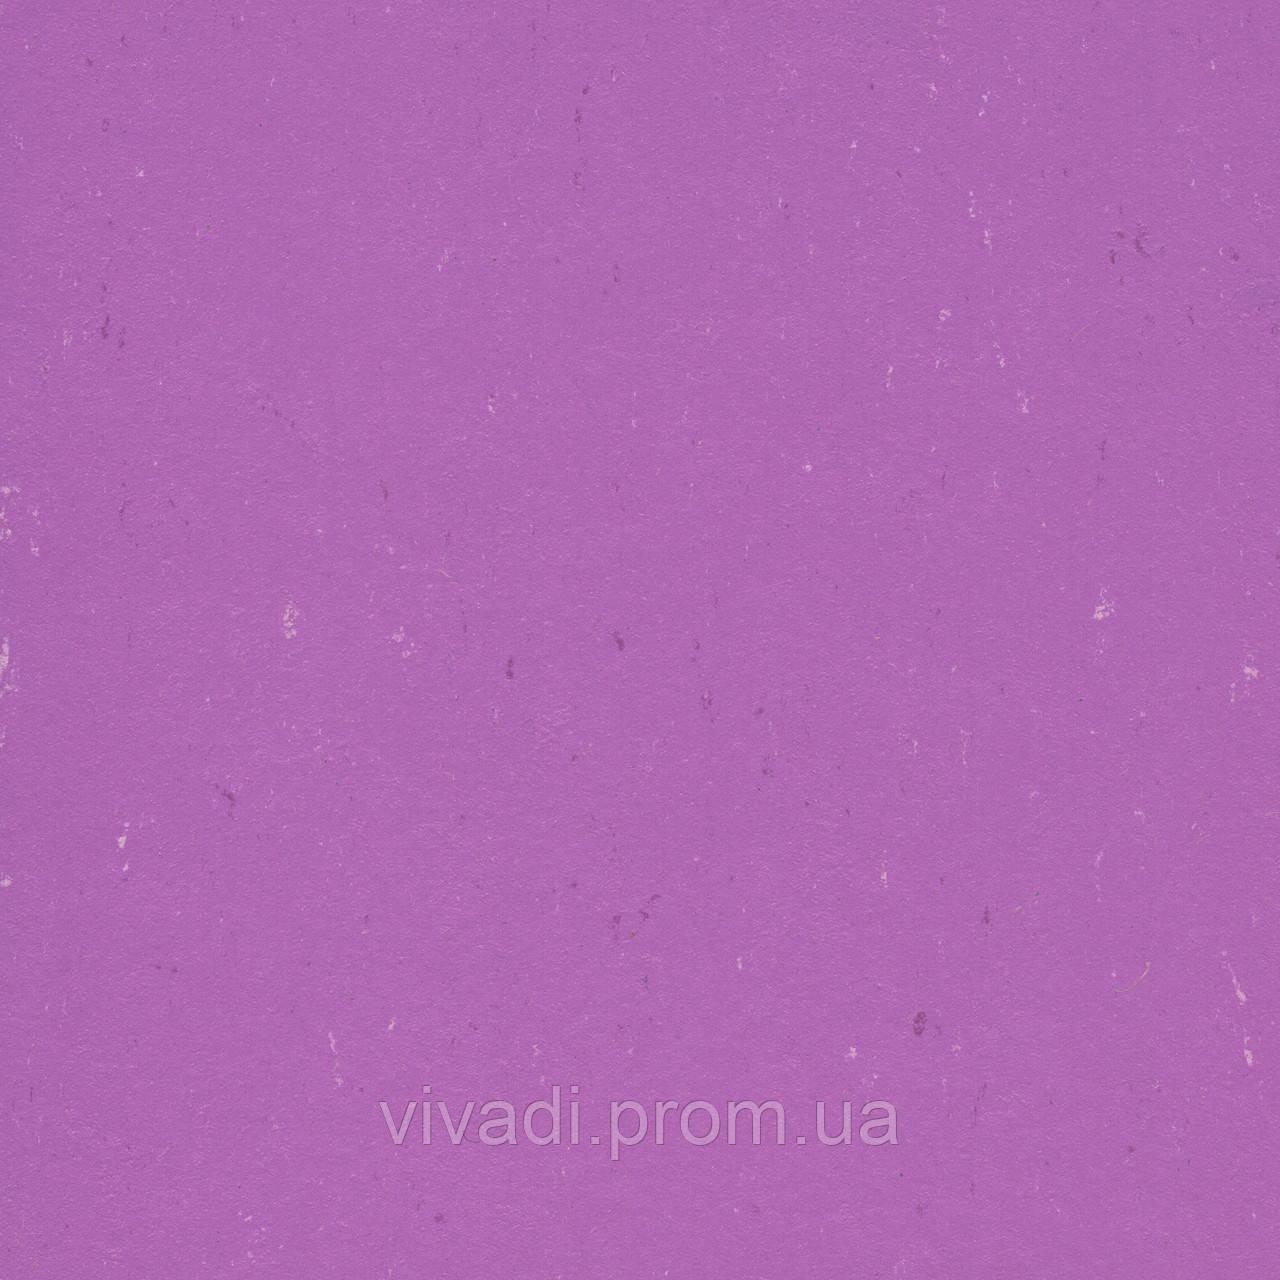 Натуральний лінолеум Colorette PUR - колір 137-110